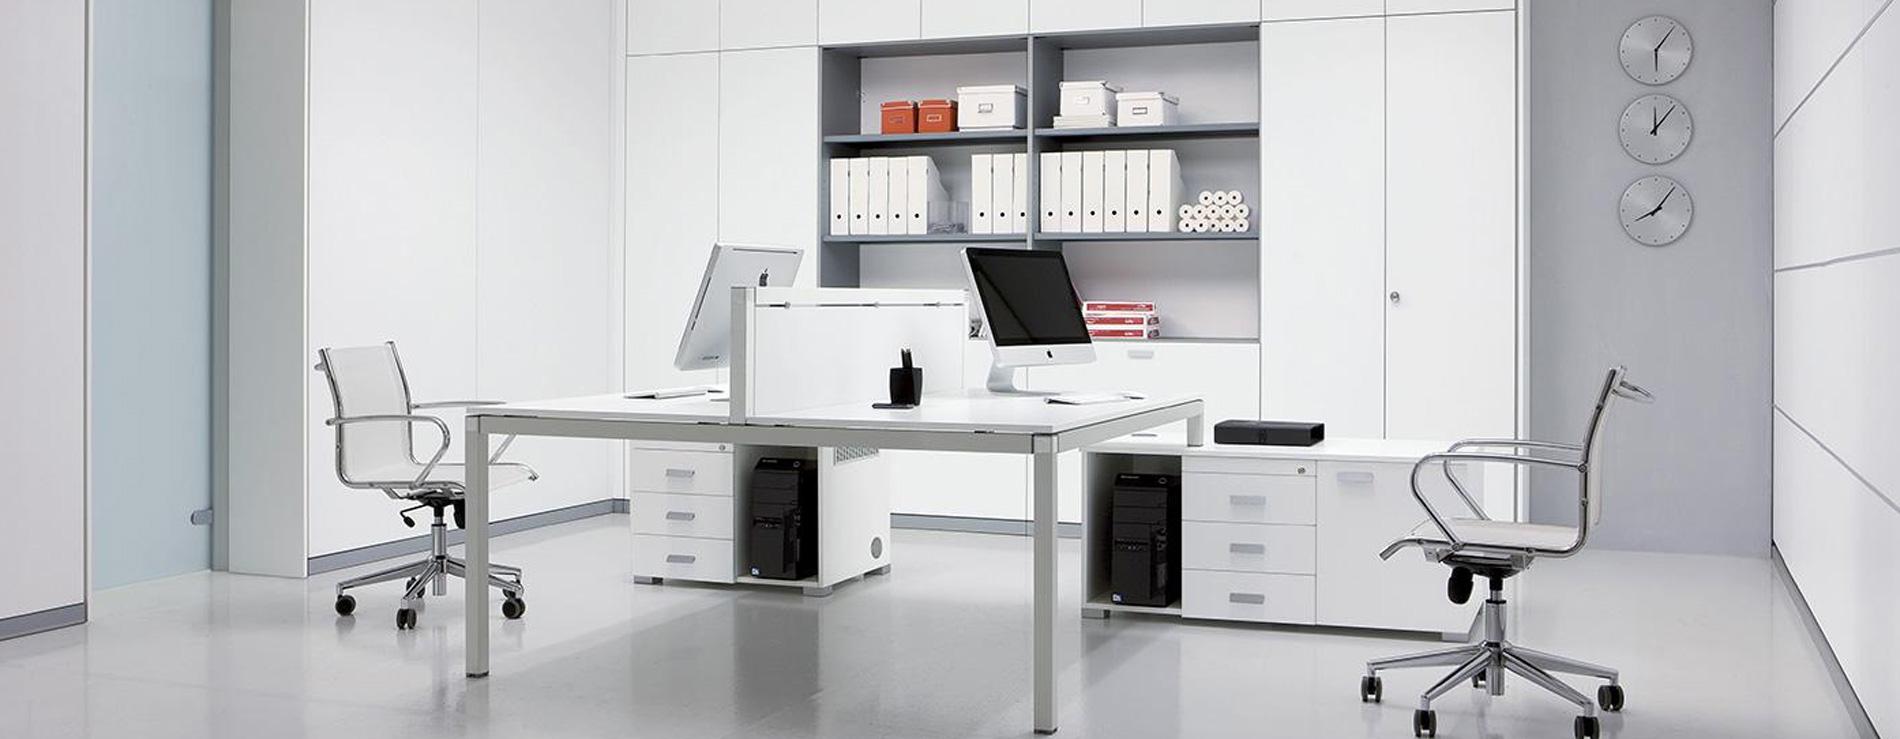 Postazione di lavoro Point | MobilOffice